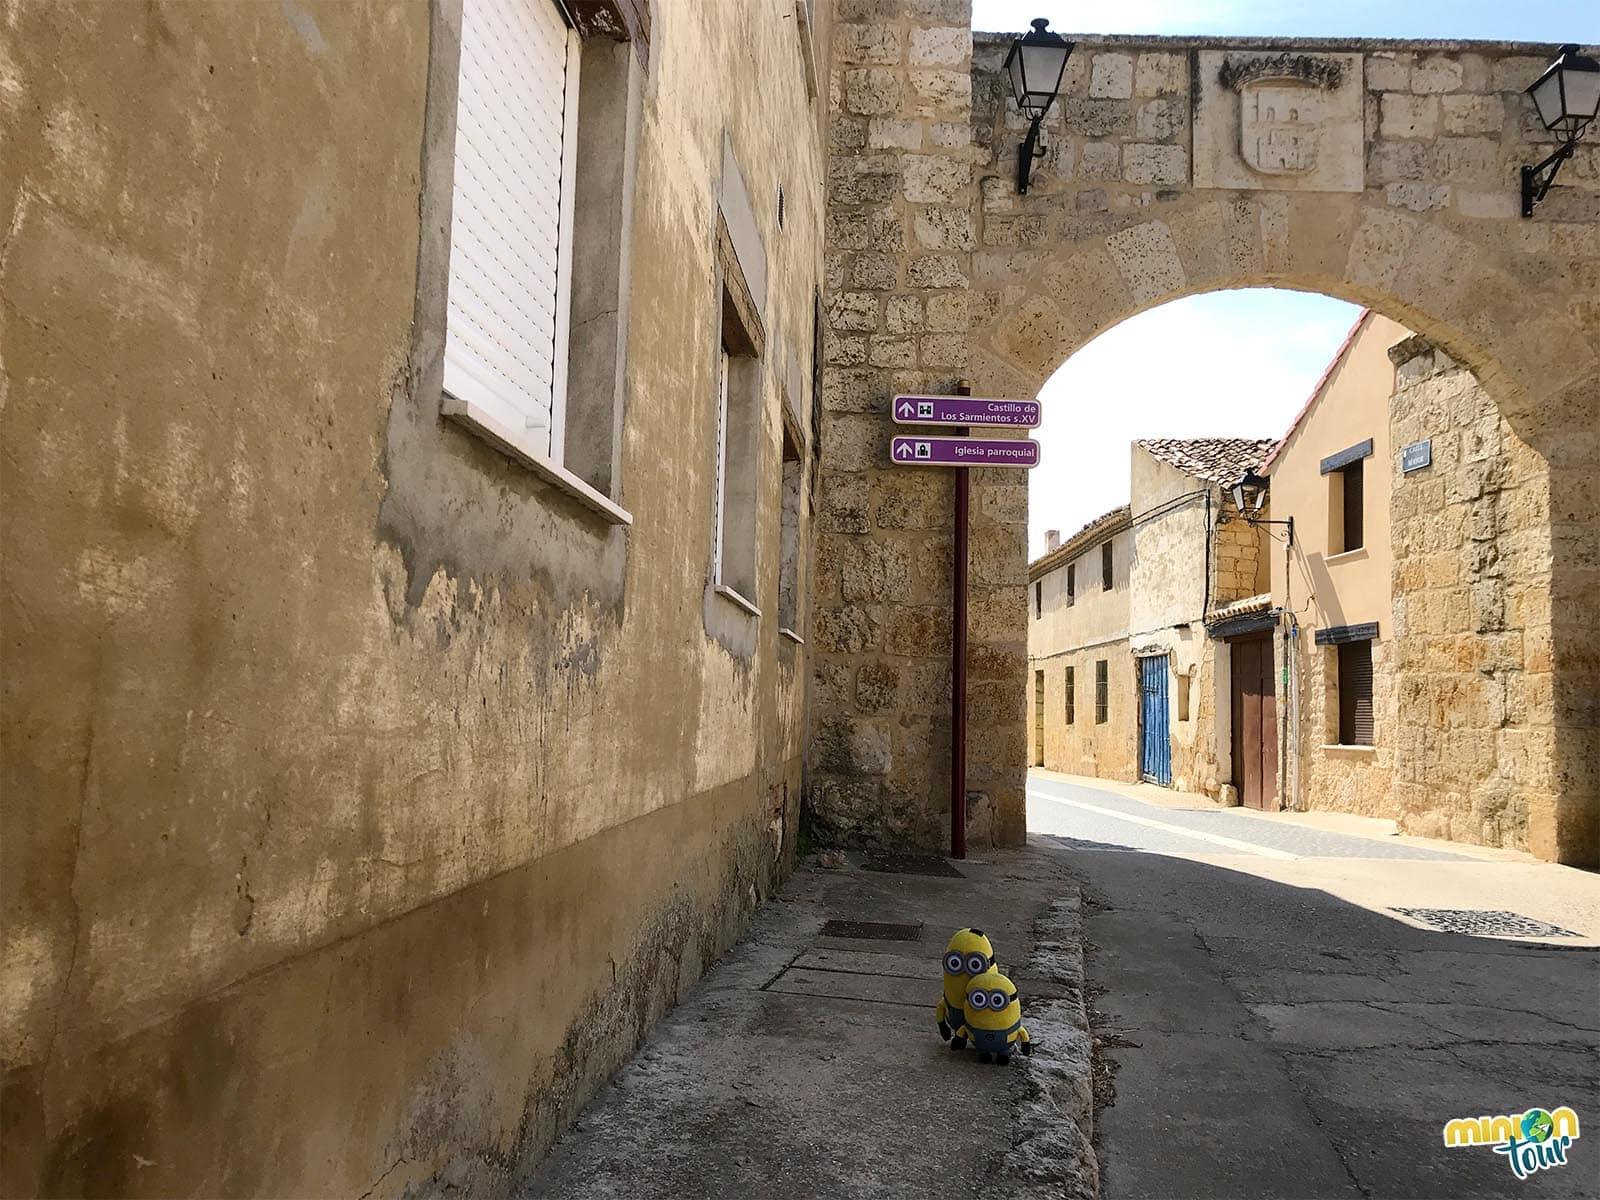 Puerta norte de Fuentes de Valdepero